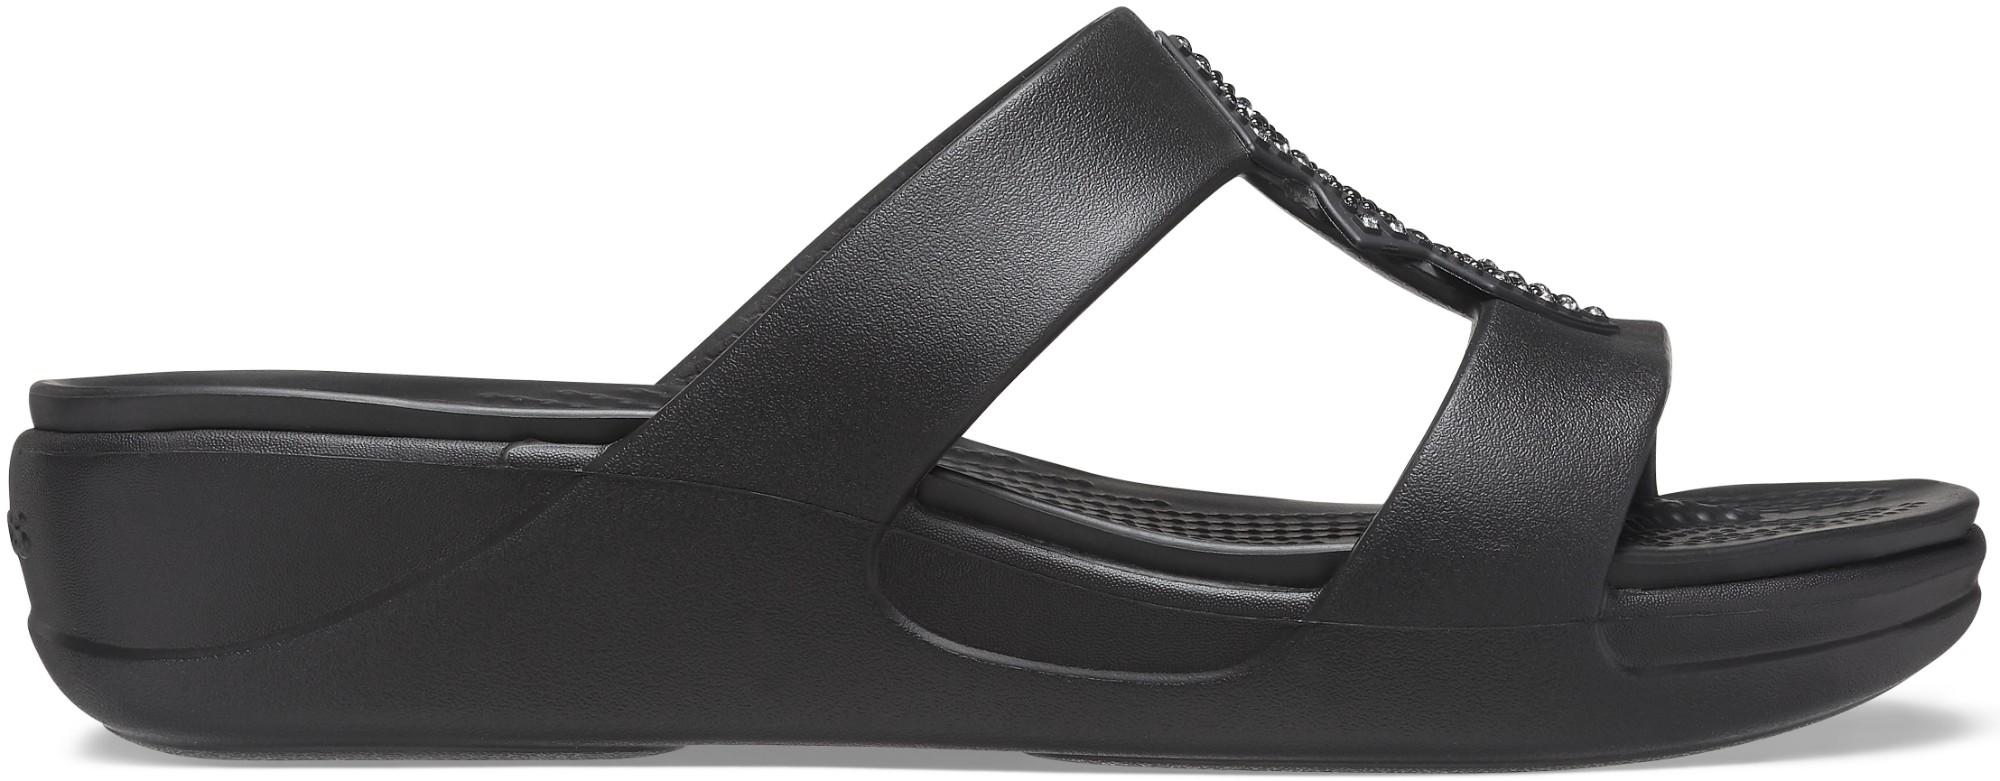 Crocs™ Monterey Shimmer Slip-On Wedge Black 41